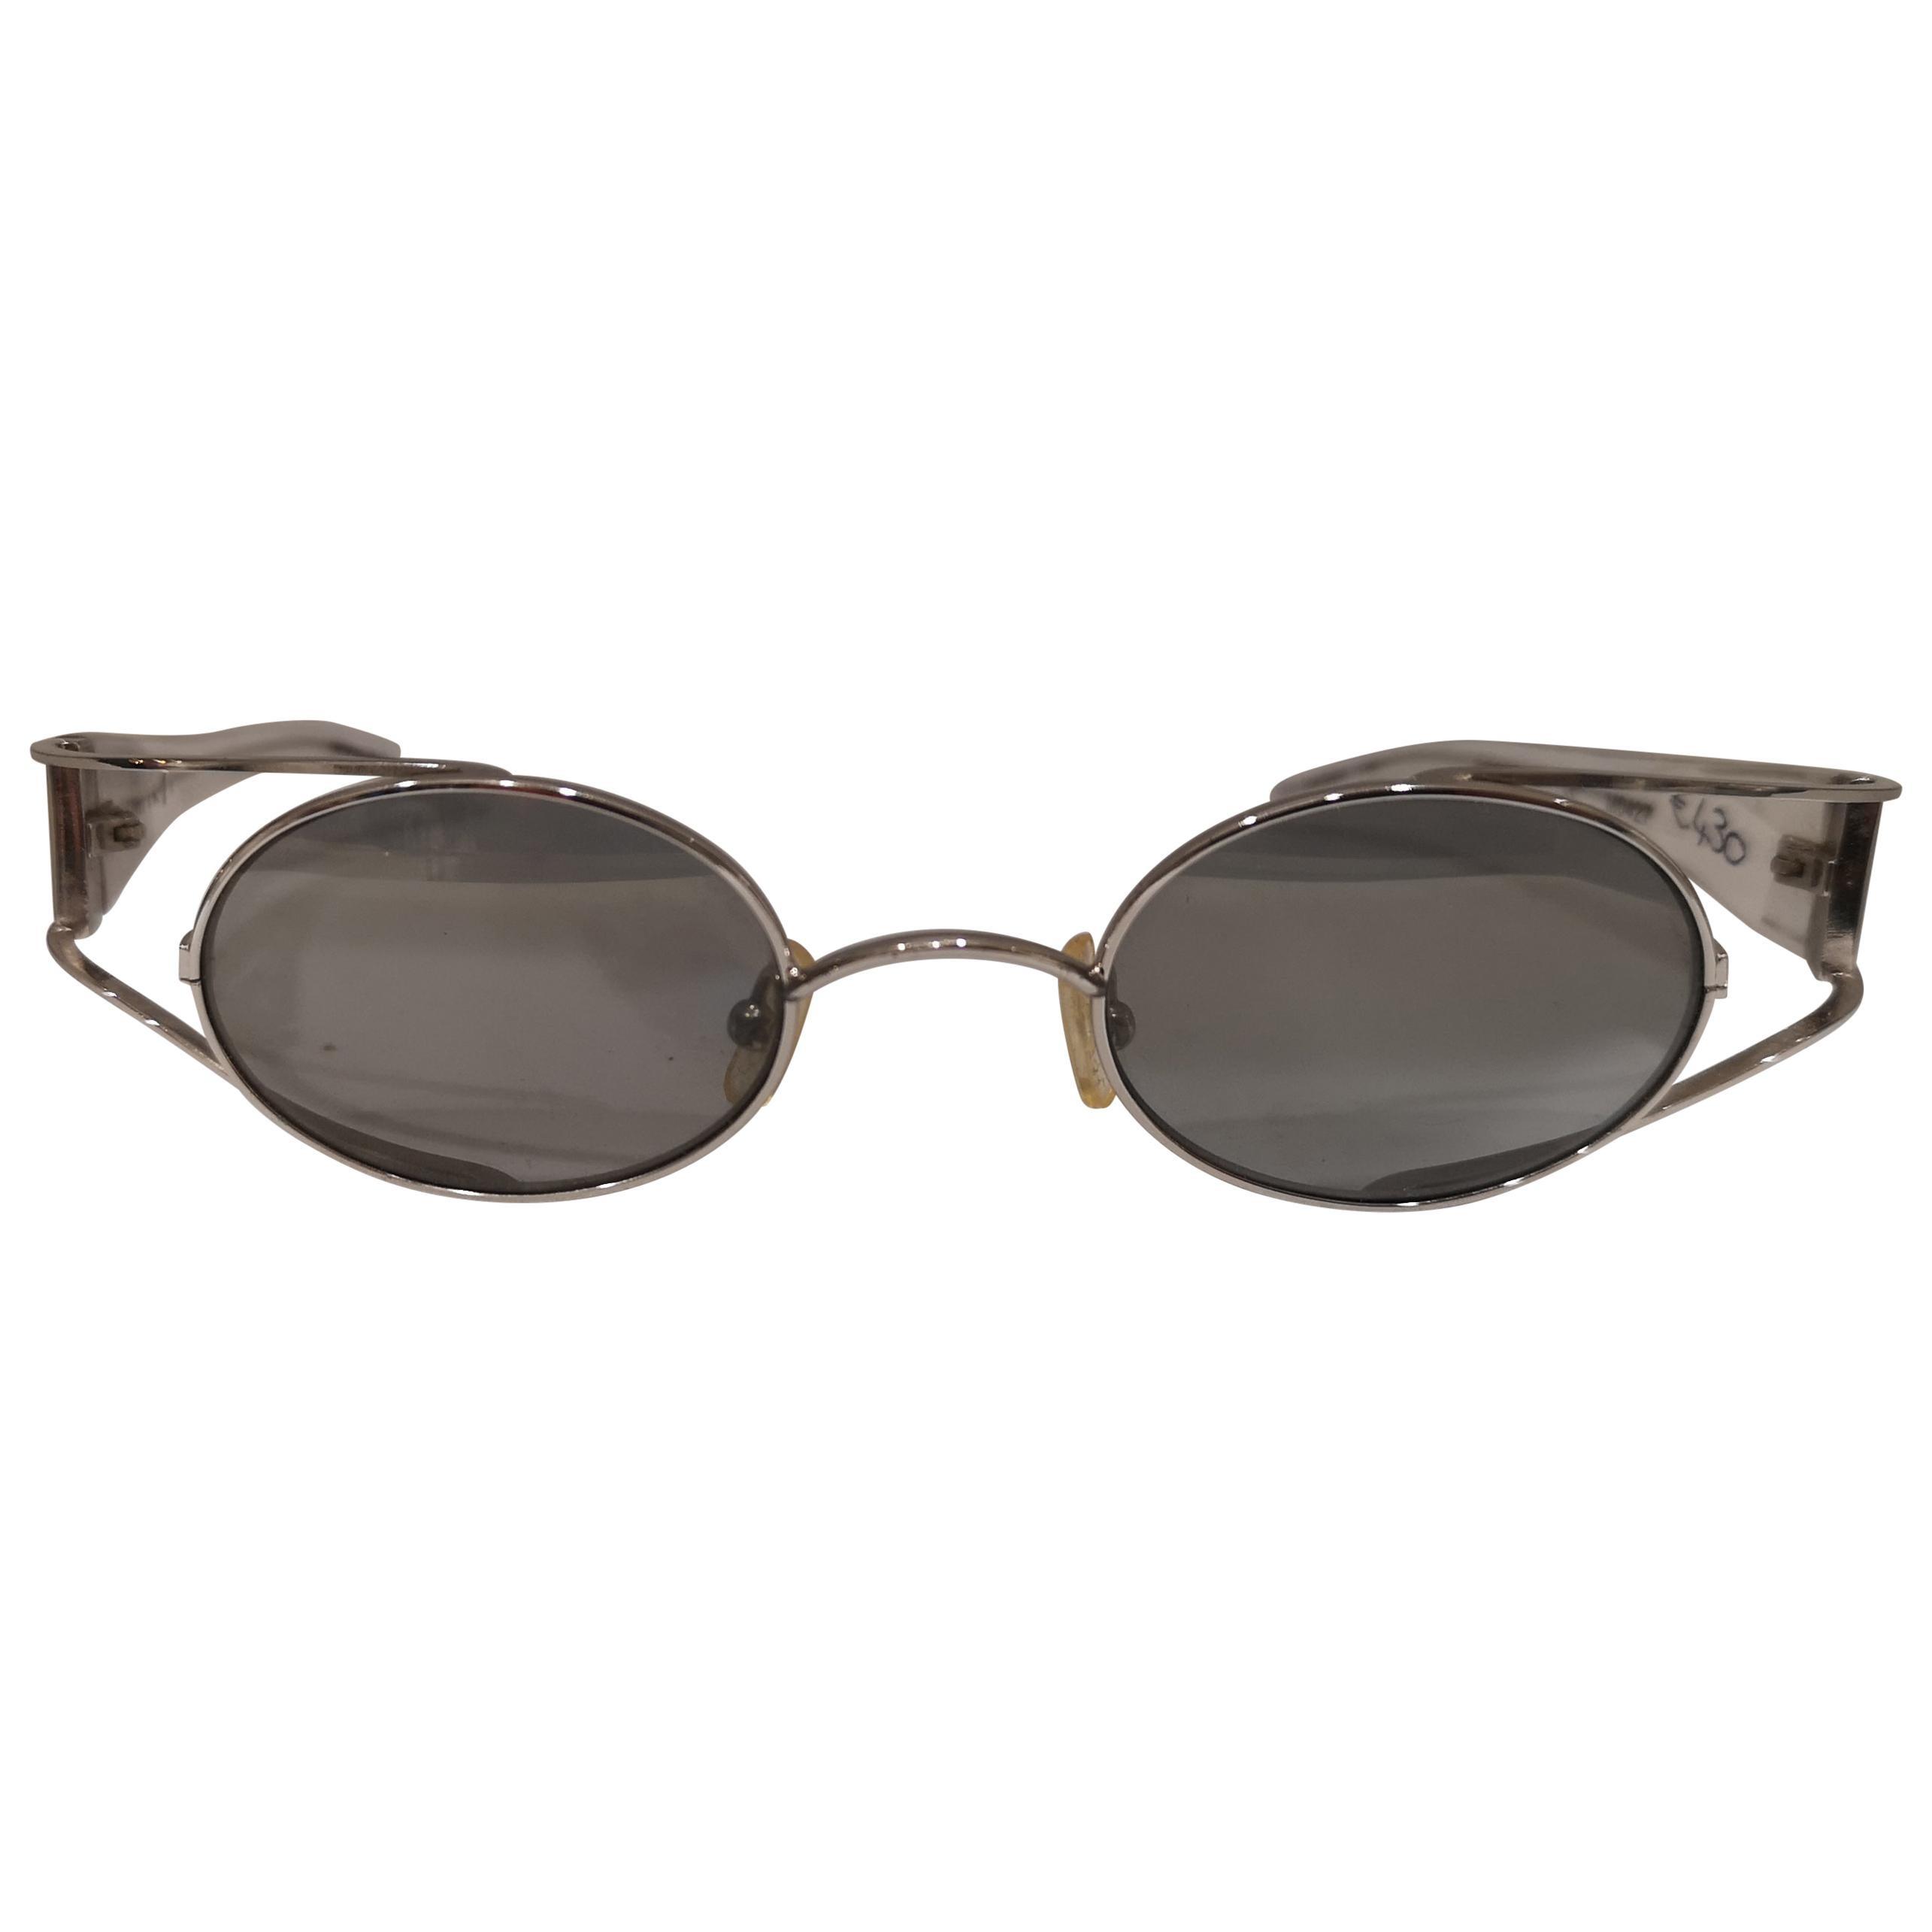 Alain Mikli paris vintage sunglasses